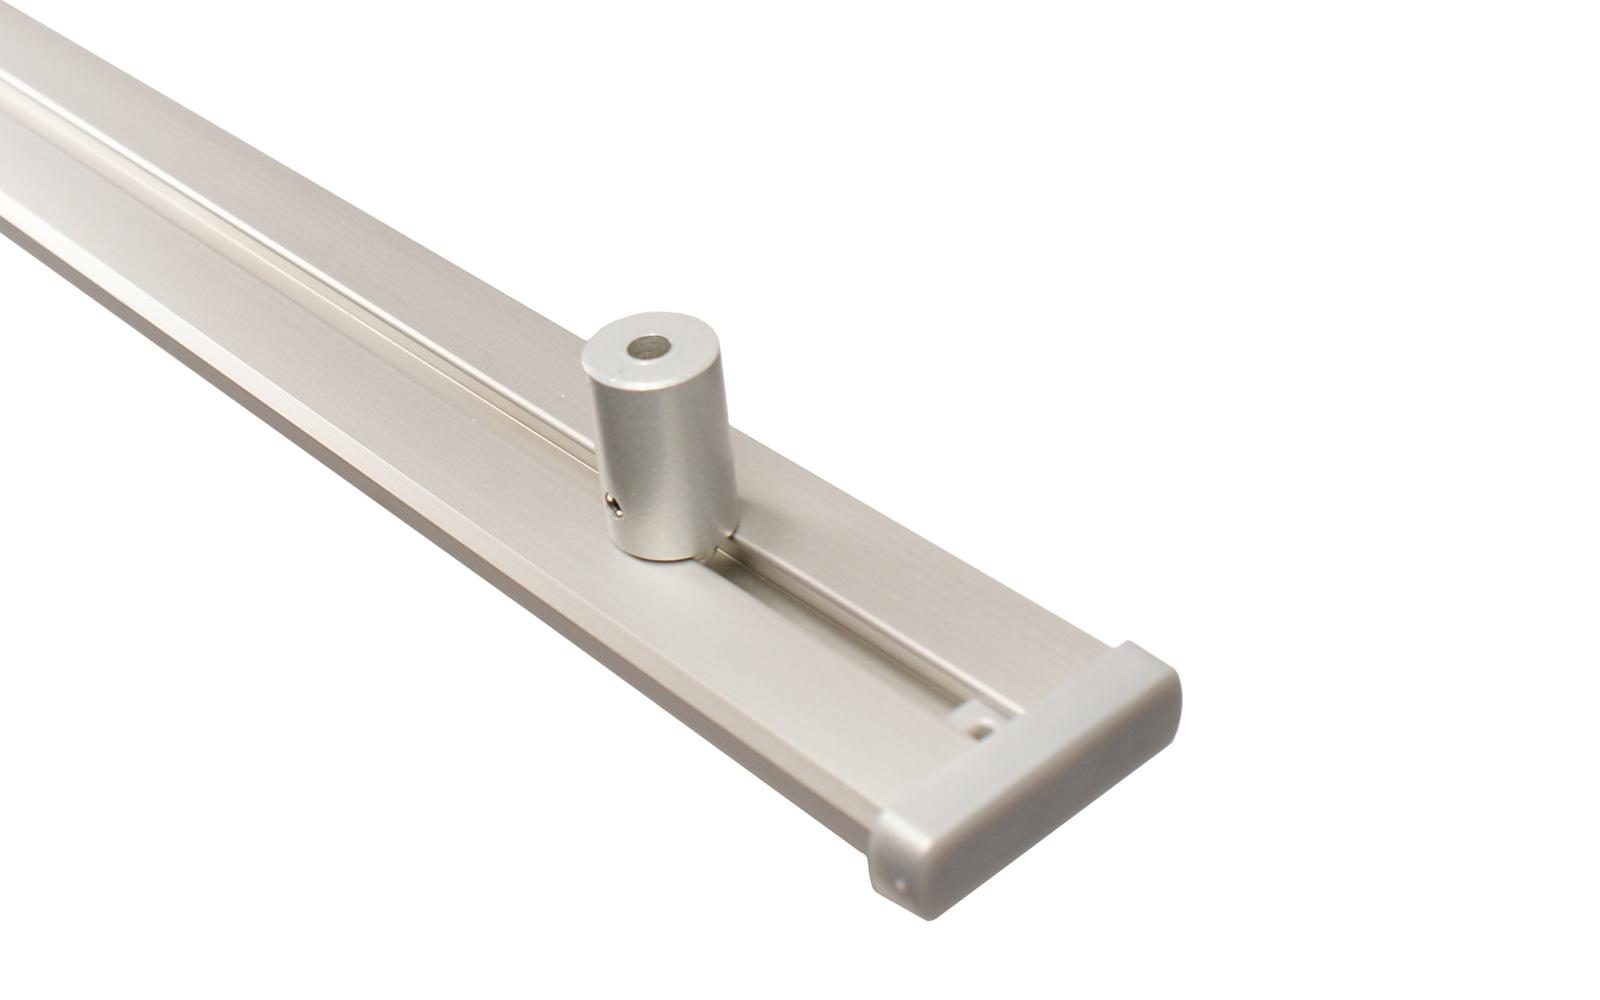 Gardinenschiene Alu 1 Läufig : 2 l ufige gardinenschiene aus aluminium alu silber ~ Markanthonyermac.com Haus und Dekorationen